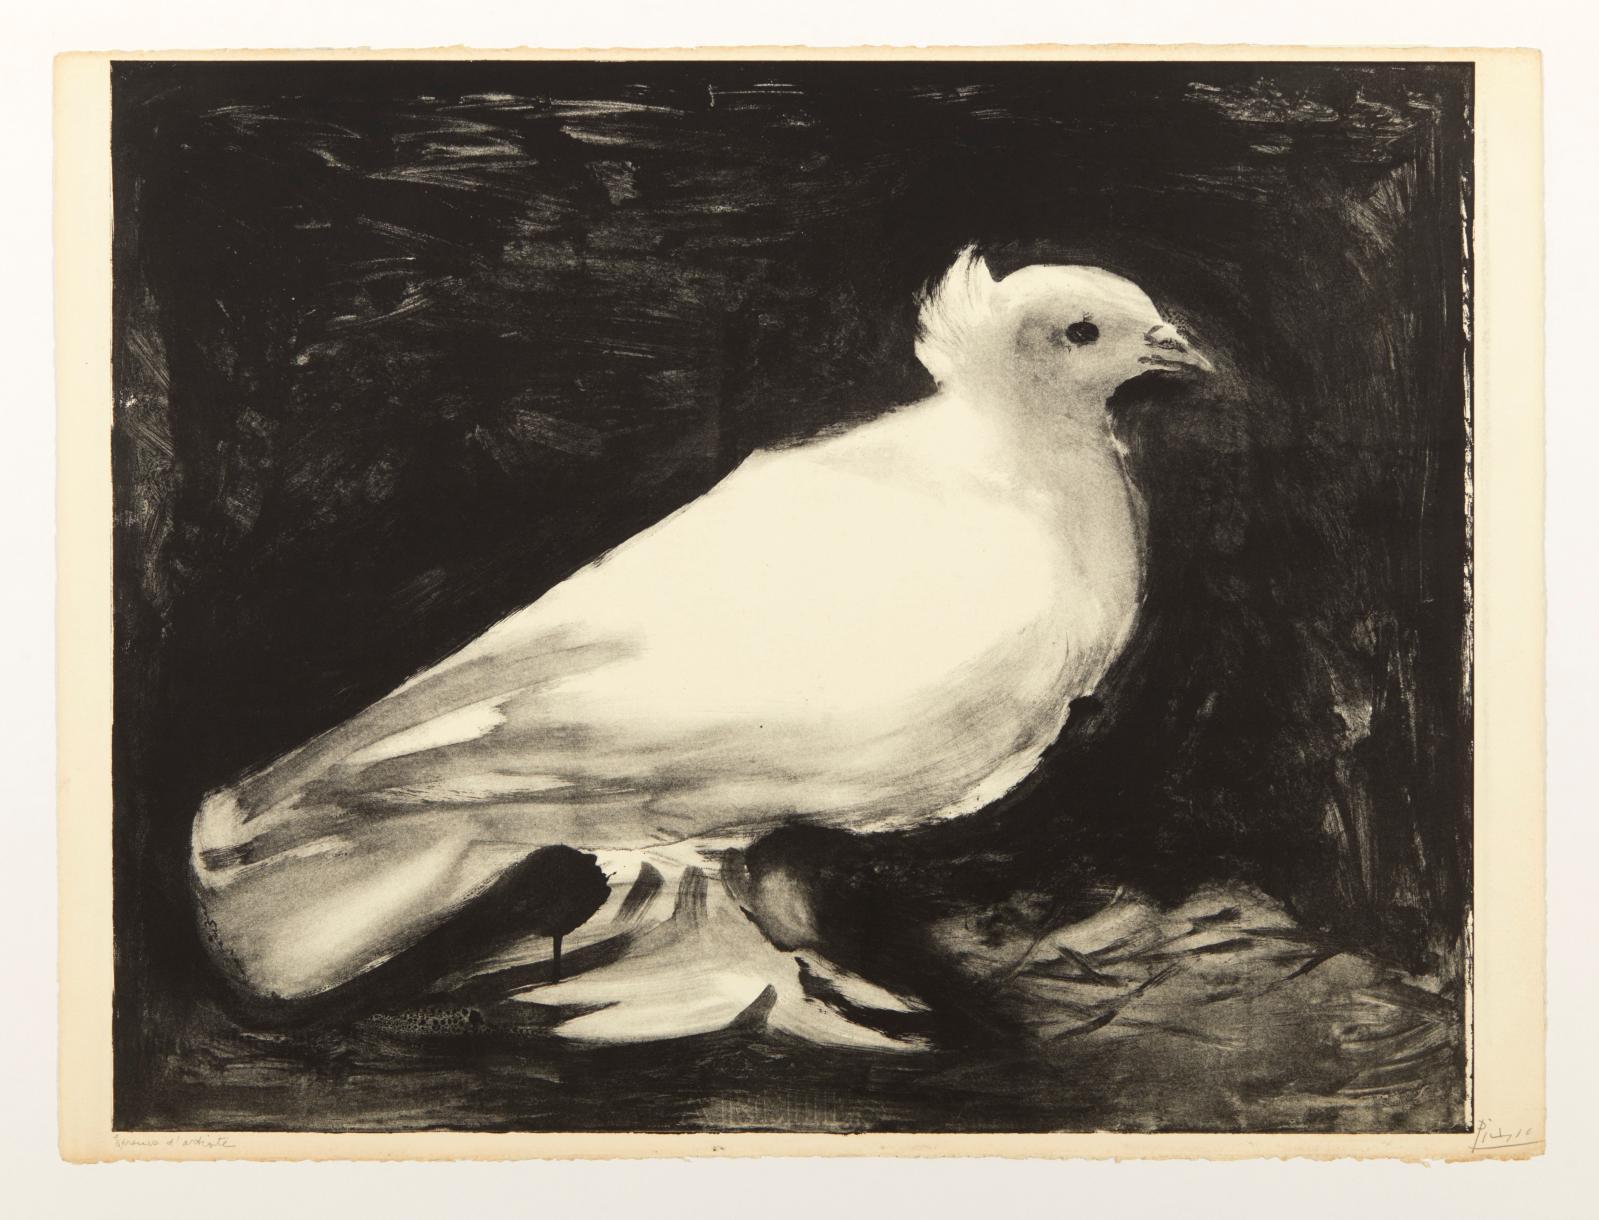 Pablo Picasso(1881-1973), La Colombe,9 janvier 1949, lithographie, épreuve d'artiste signéeau crayon noir au recto, 56,8x76,2cm. Est